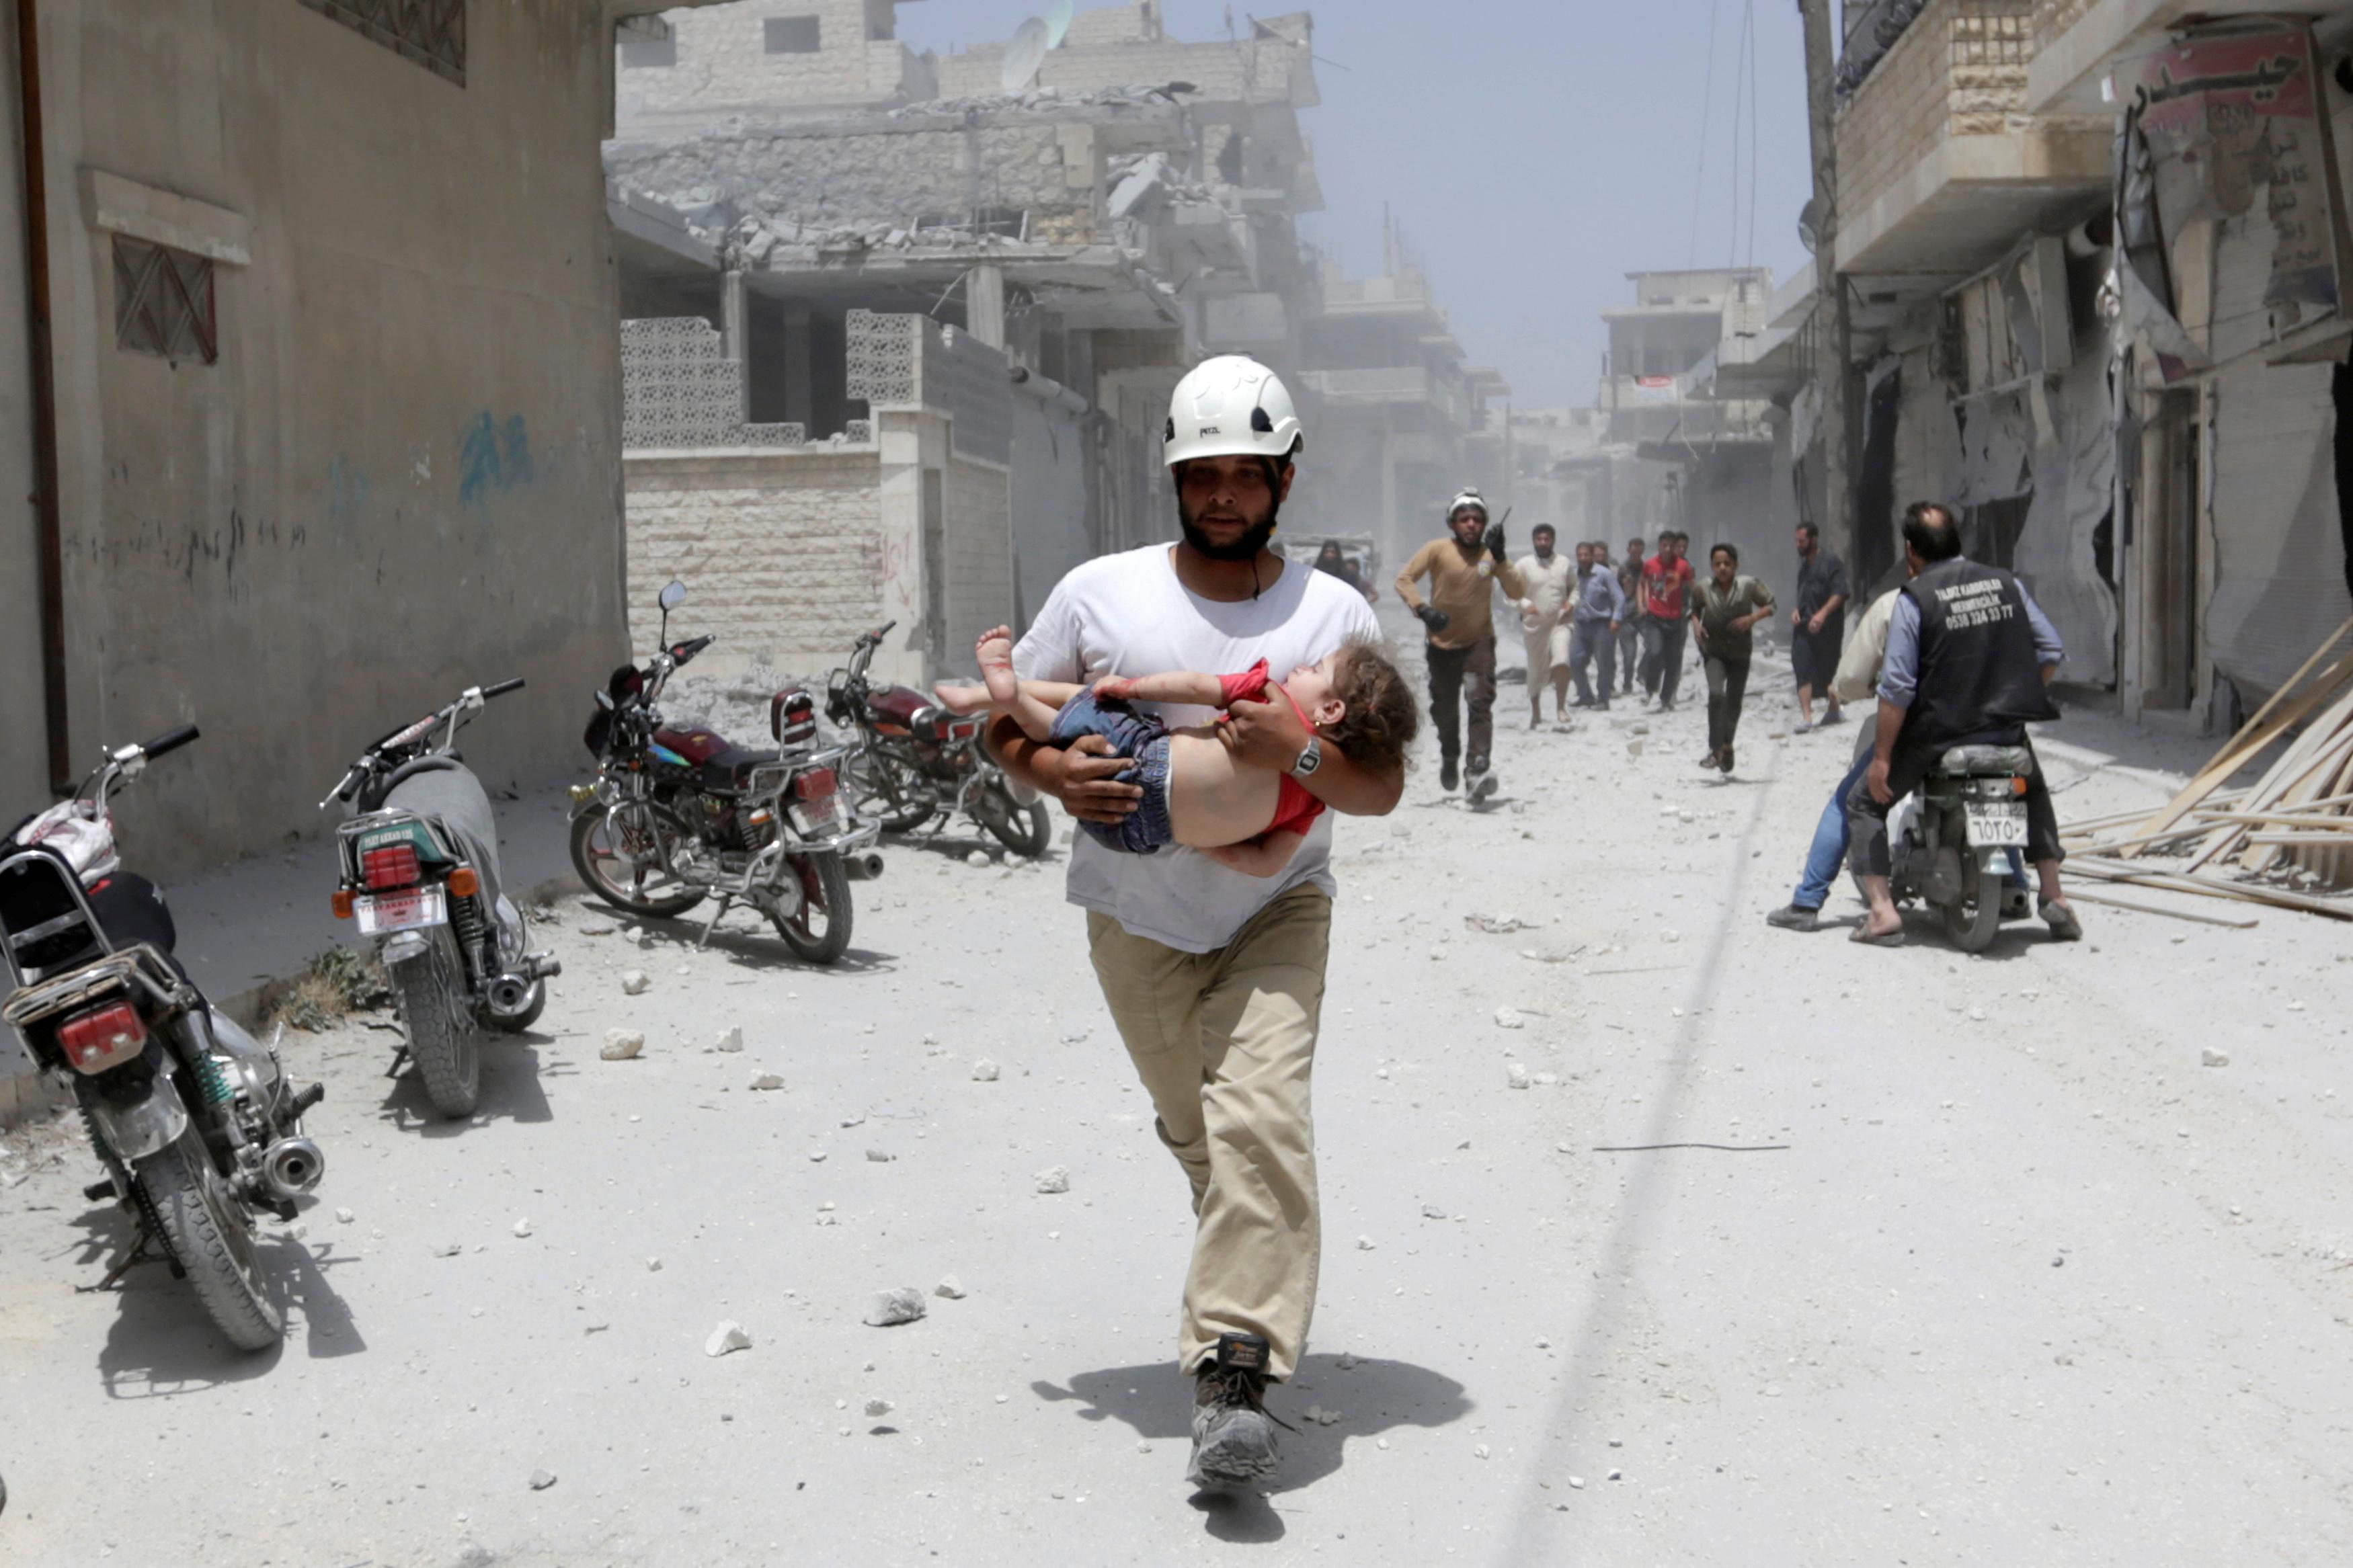 MAARET AL-NUMAN, SYRIA: En mann fra sivilforsvaret bærer en skadet jente vekk etter bombeangrep i den opprører-kontrollerte byen Maaret al-Numan i Idlib-provinsen i Syria. FOTO: Khalil Ashawi / NTB scanpix